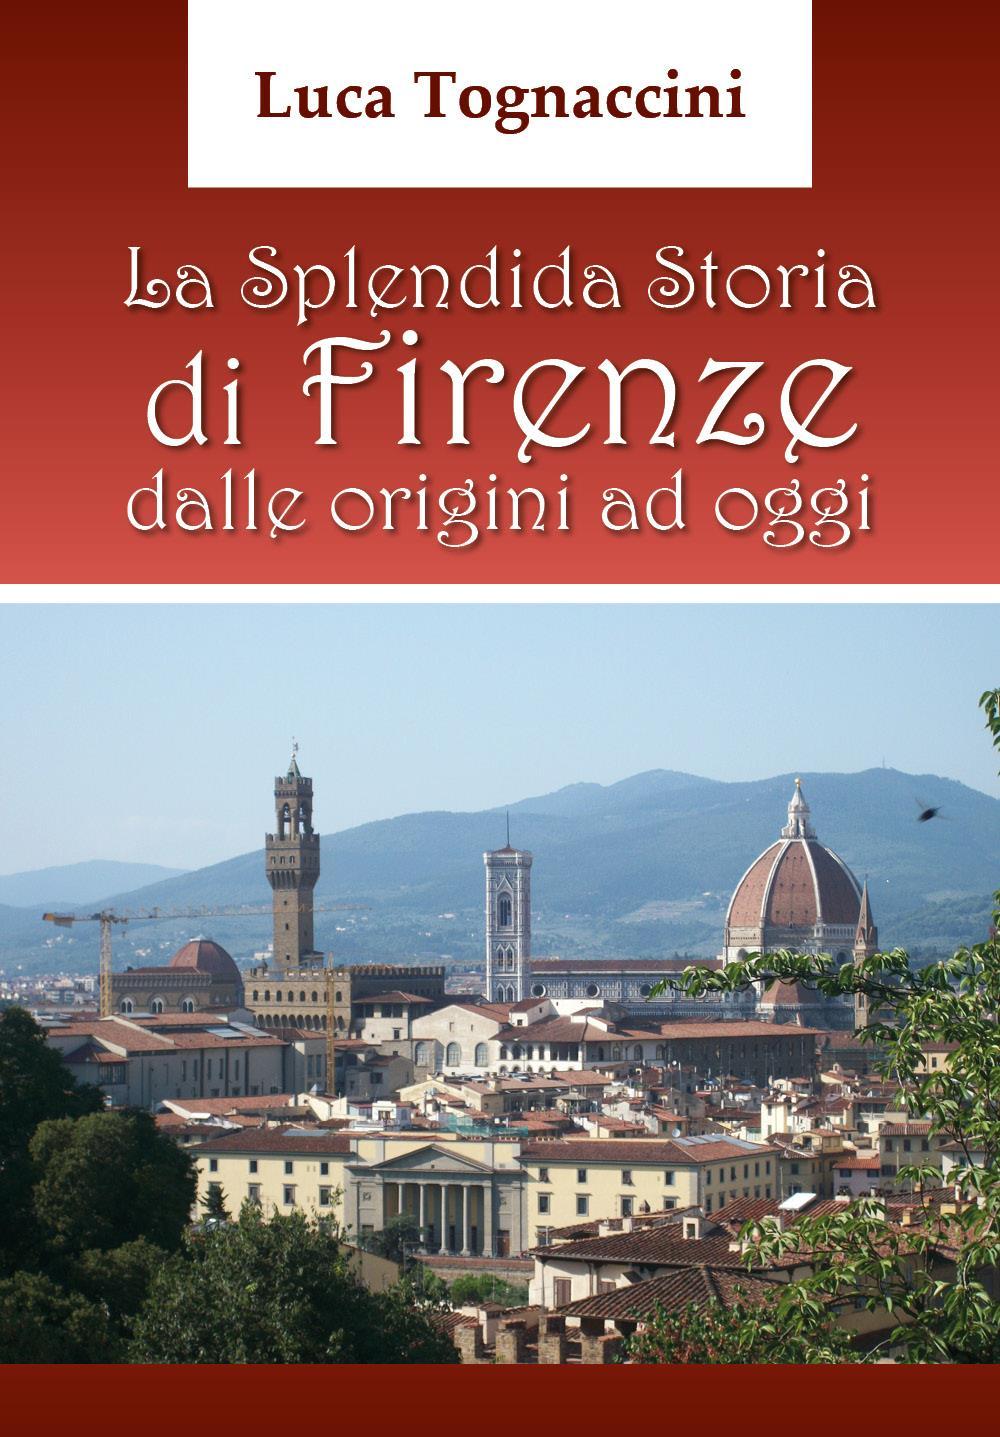 La Splendida Storia di Firenze dalle origini ad oggi